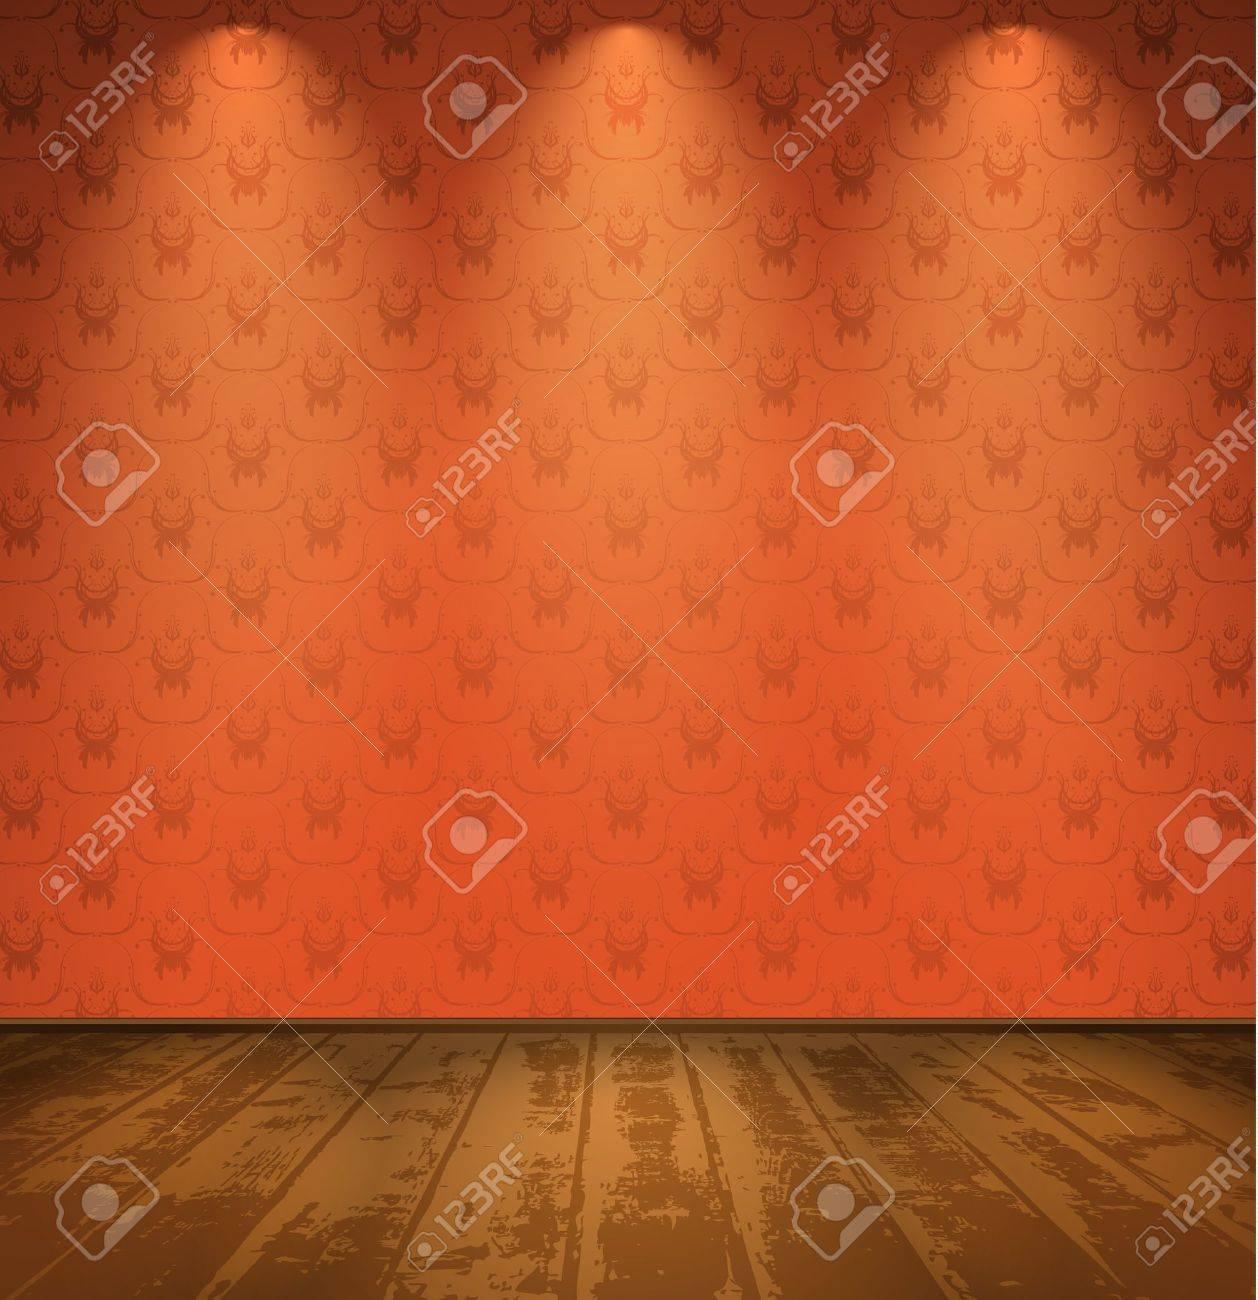 Red room with wooden floor Stock Vector - 13005599